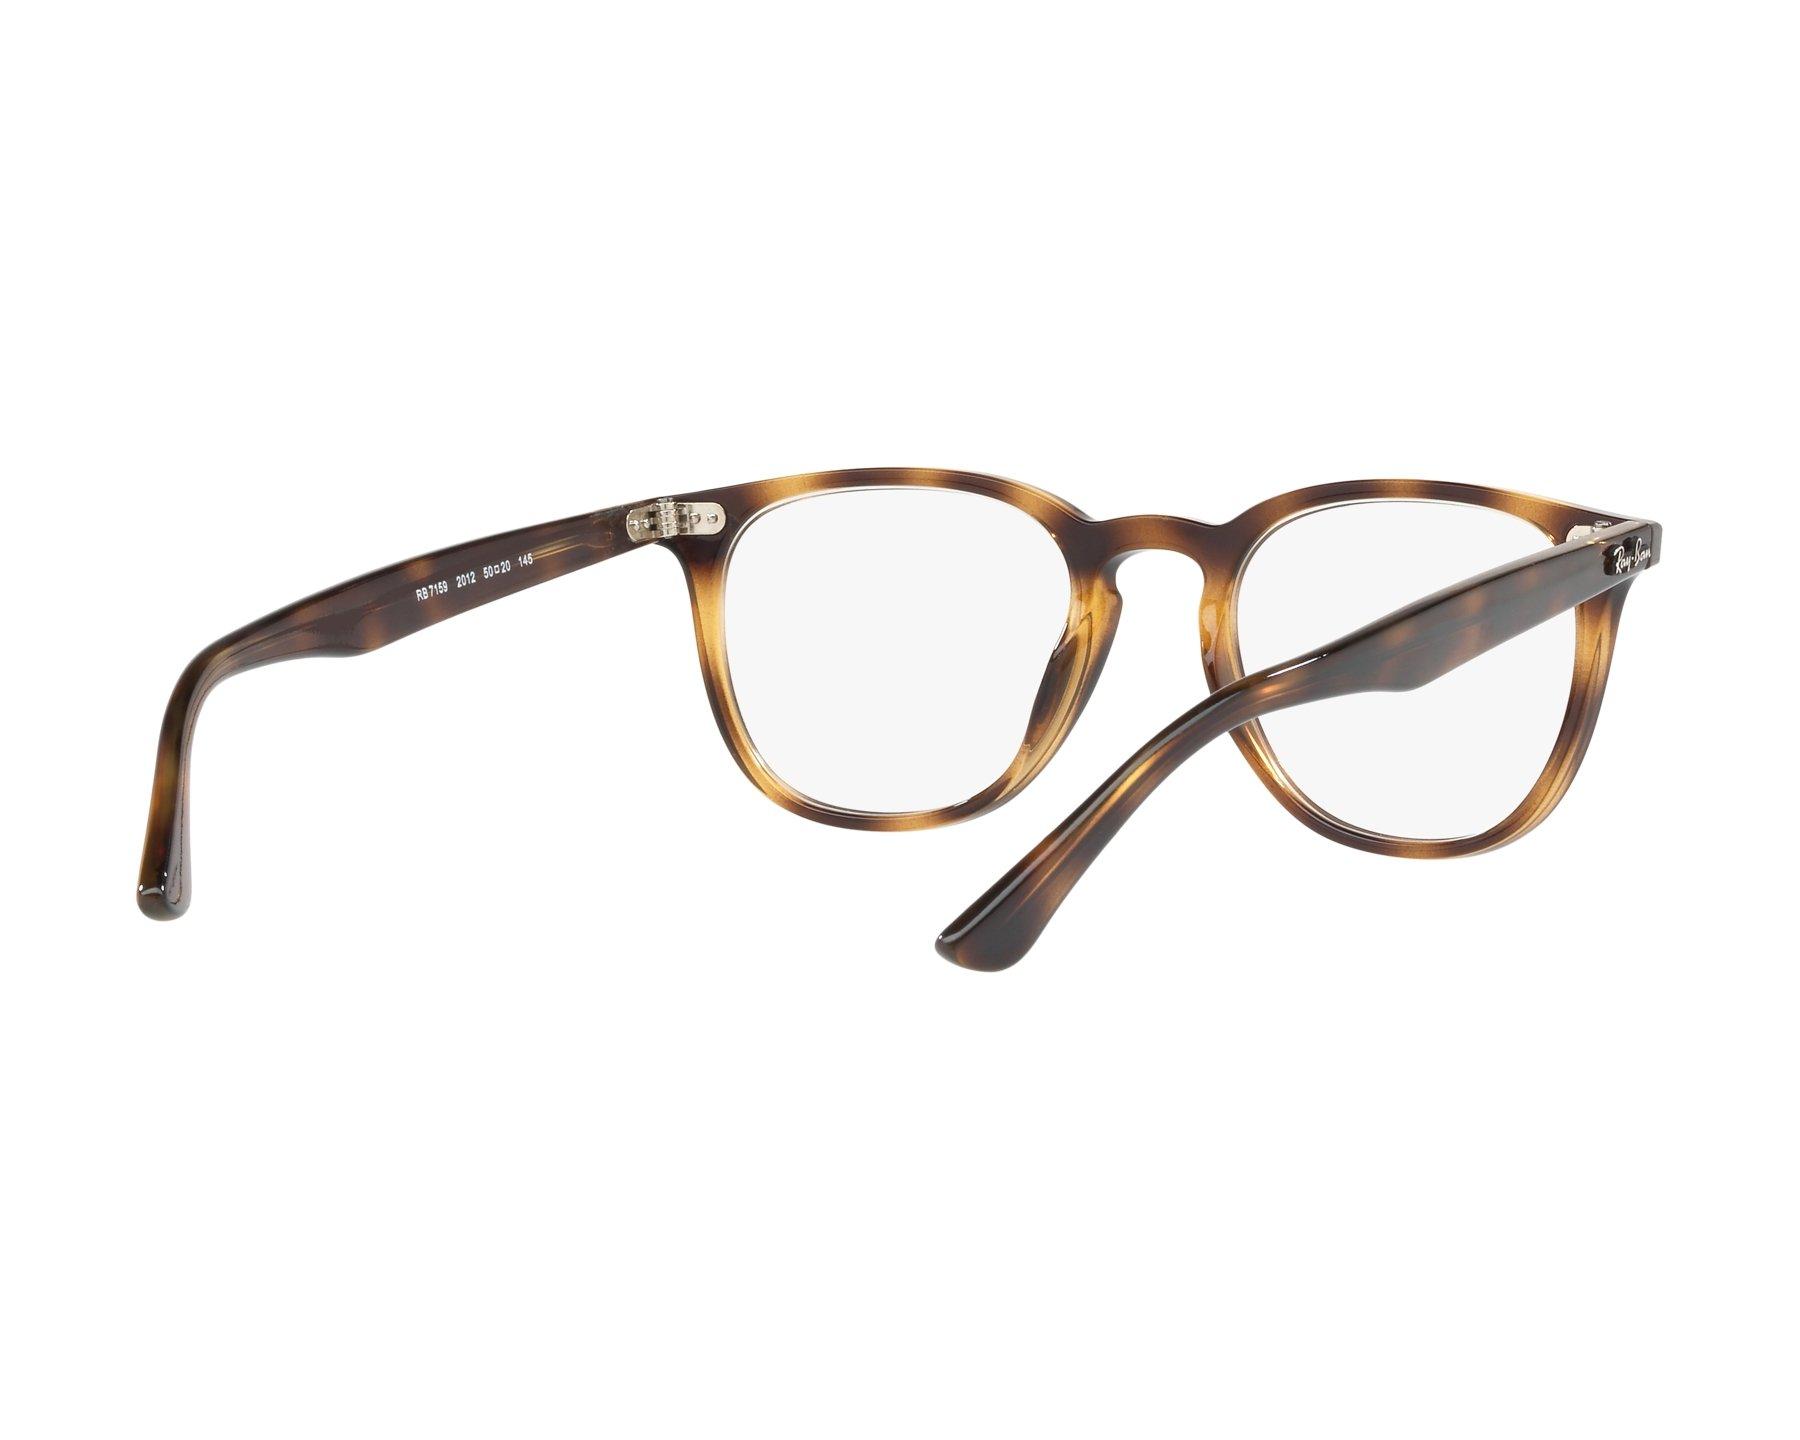 9f185b3c1e4 eyeglasses Ray-Ban RX-7159 2012 50-20 Havana 360 degree view 8